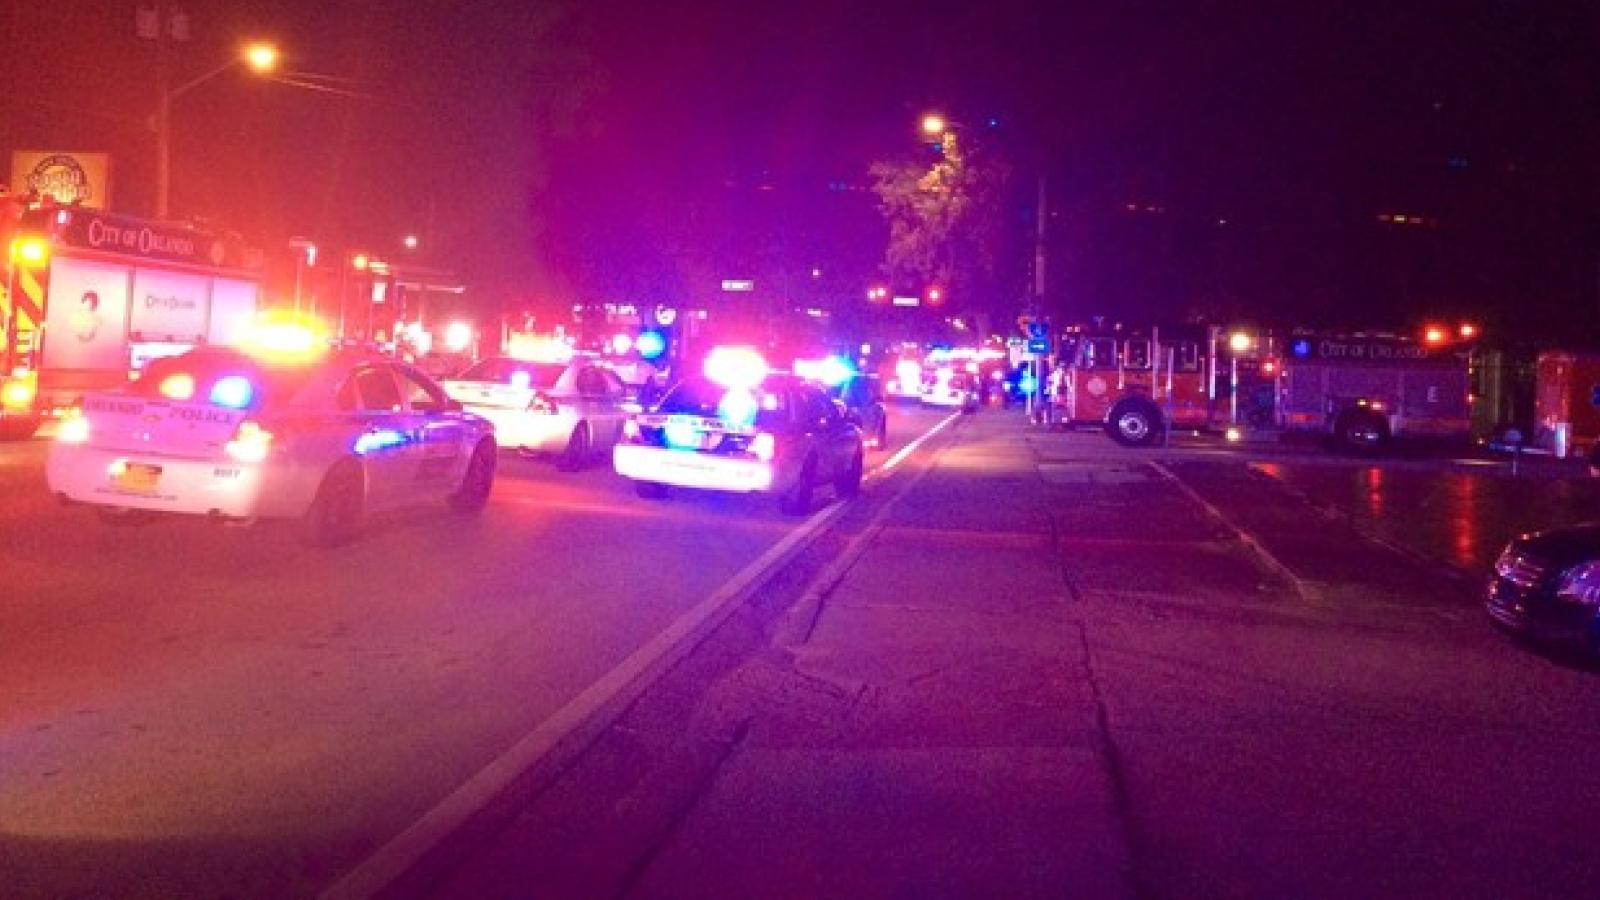 Atirador invade boate gay em Orlando, nos EUA, e faz 50 vítimas